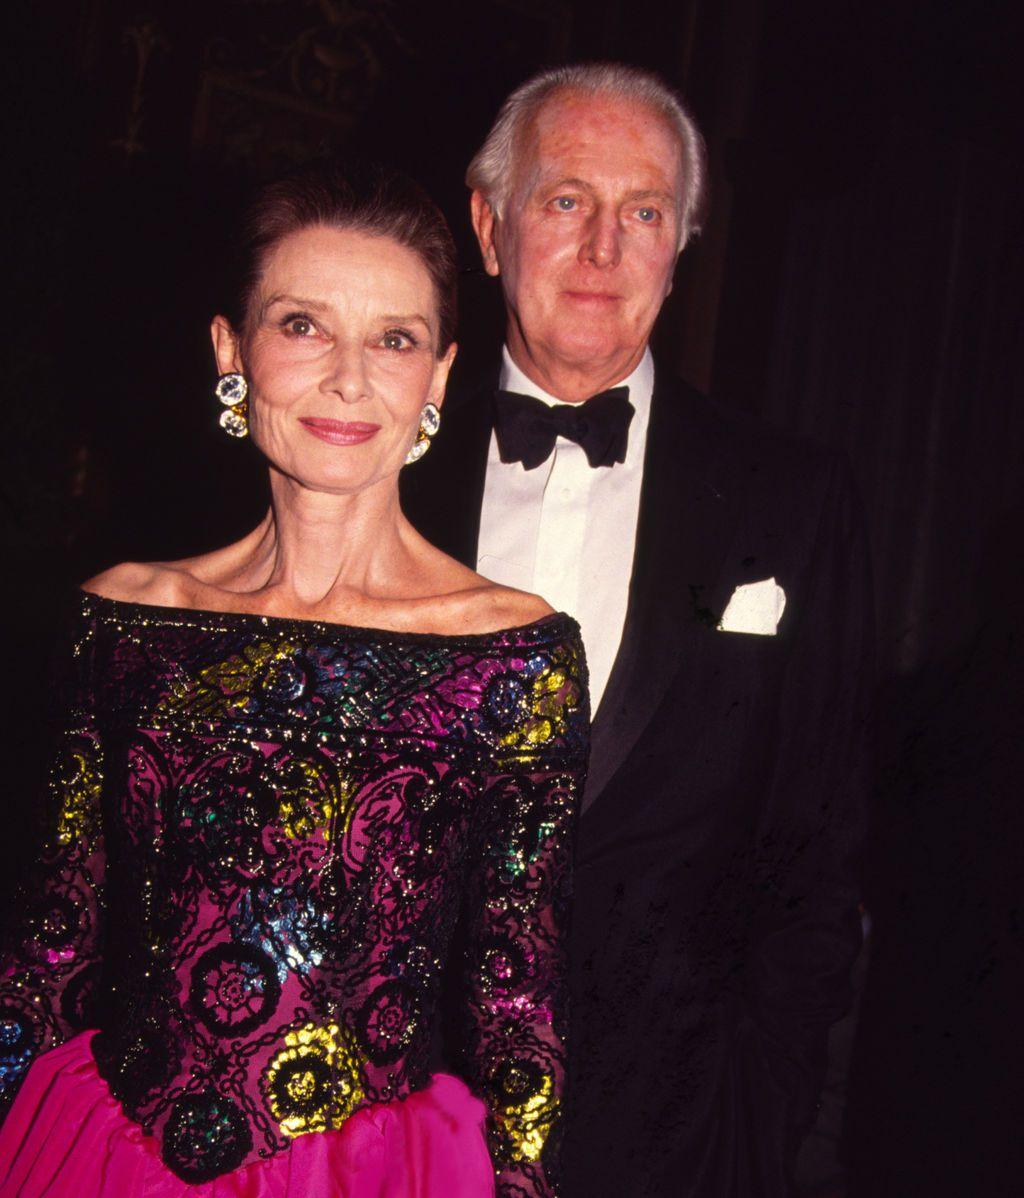 Audrey Hepburn con el diseñador francés, Hubert de Givenchy